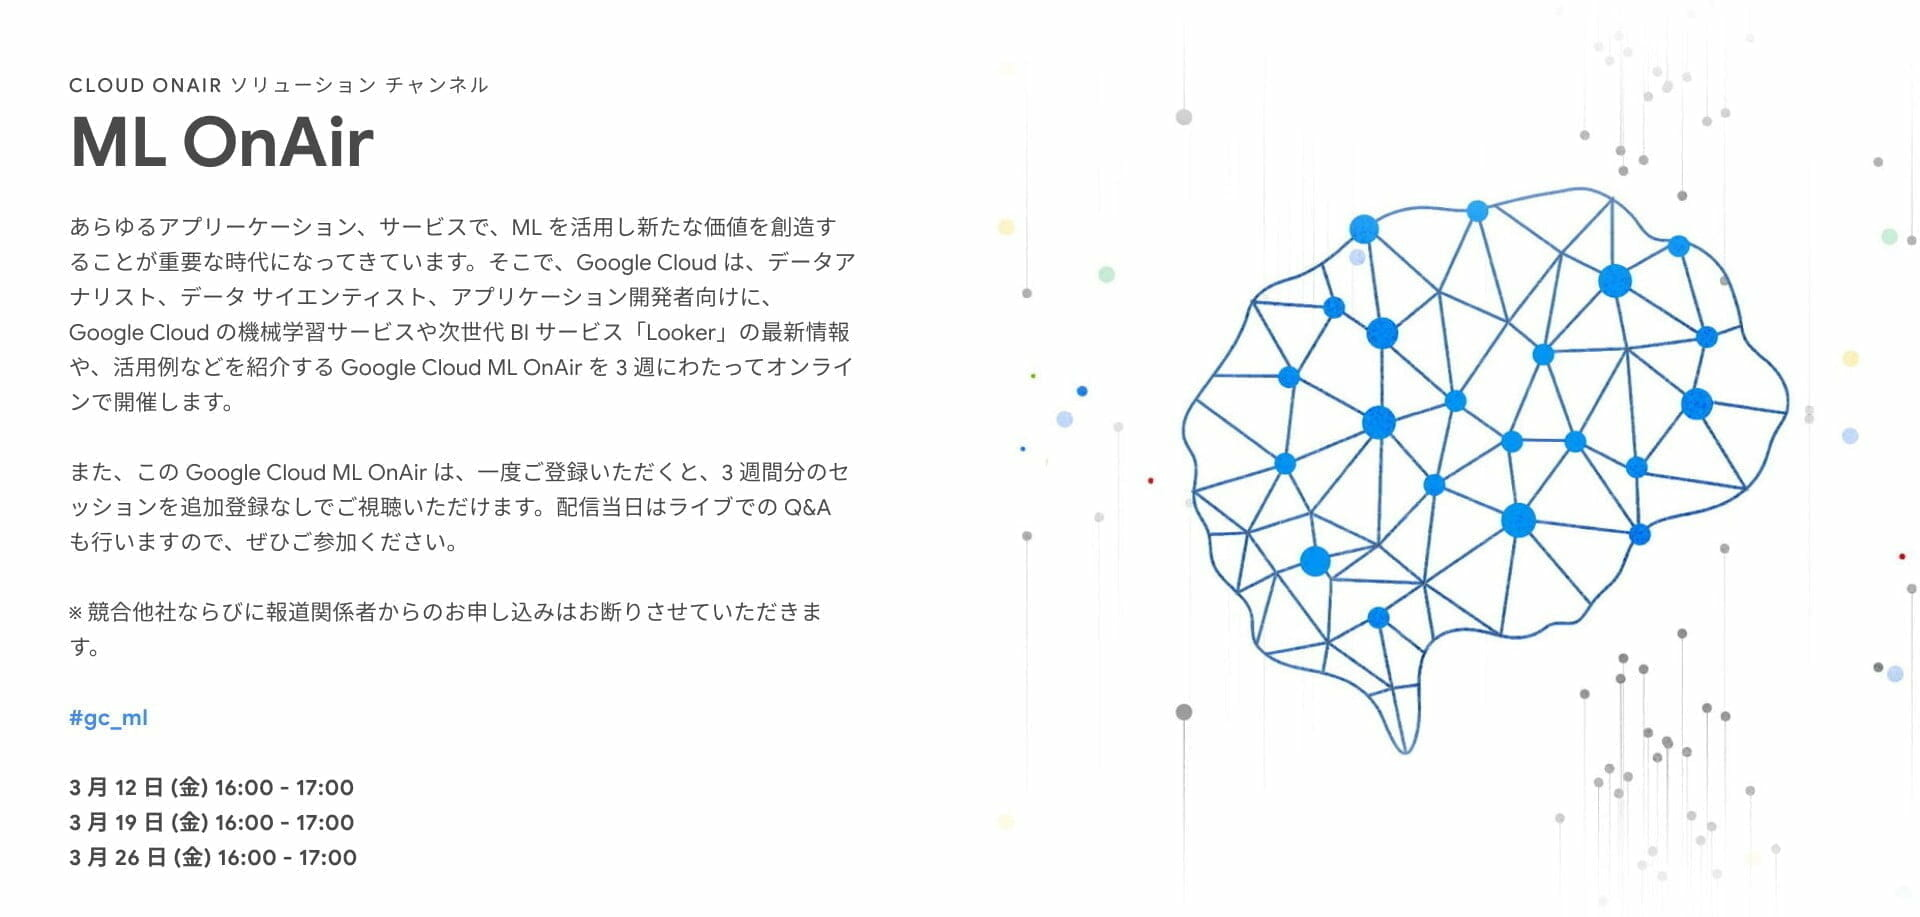 [GCP] Google Cloud ML OnAir